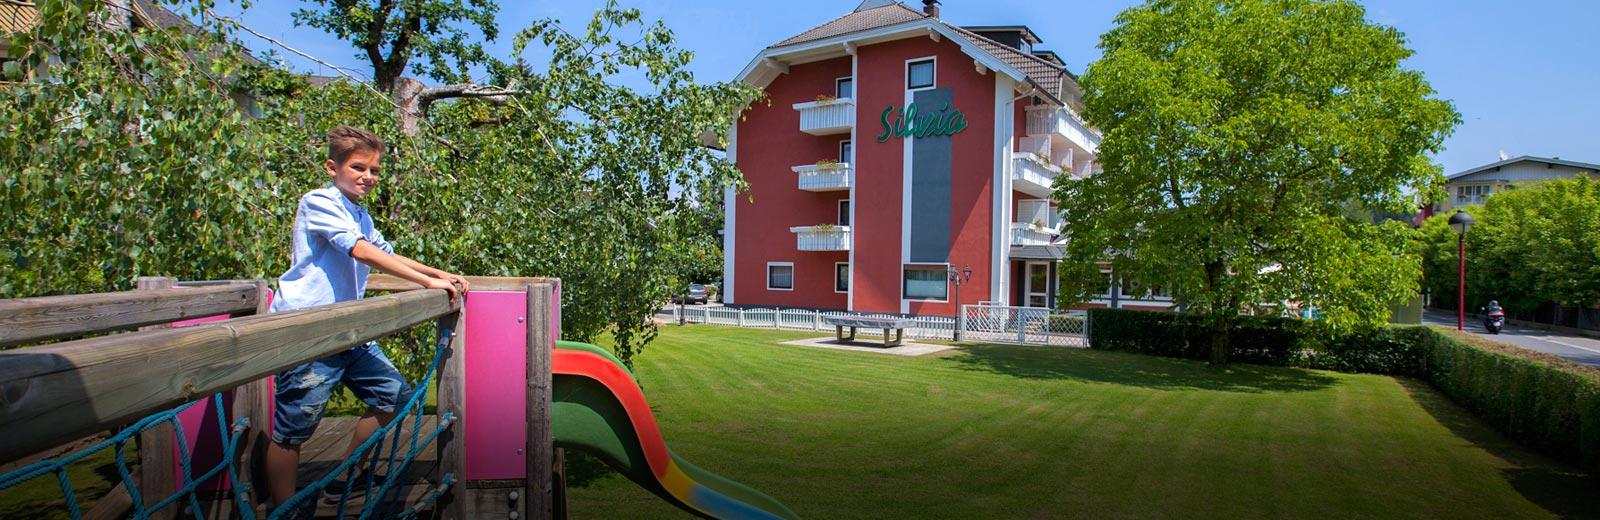 hotel-spielplatz